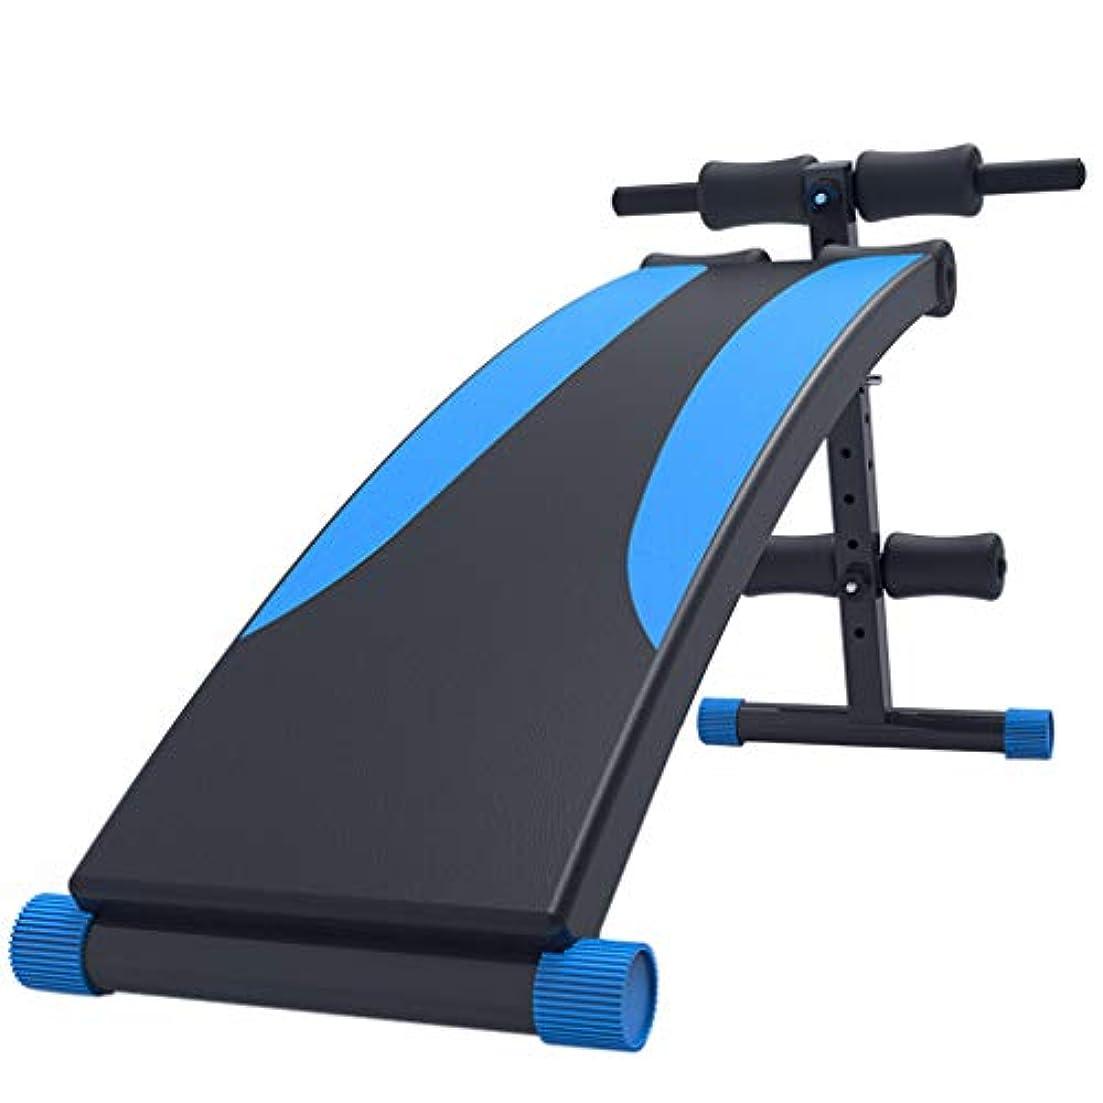 追記暴君転送調節可能な衰退アブワークアウトベンチ、人間工学に基づいて設計、腹筋のため、クランチ、腹筋運動